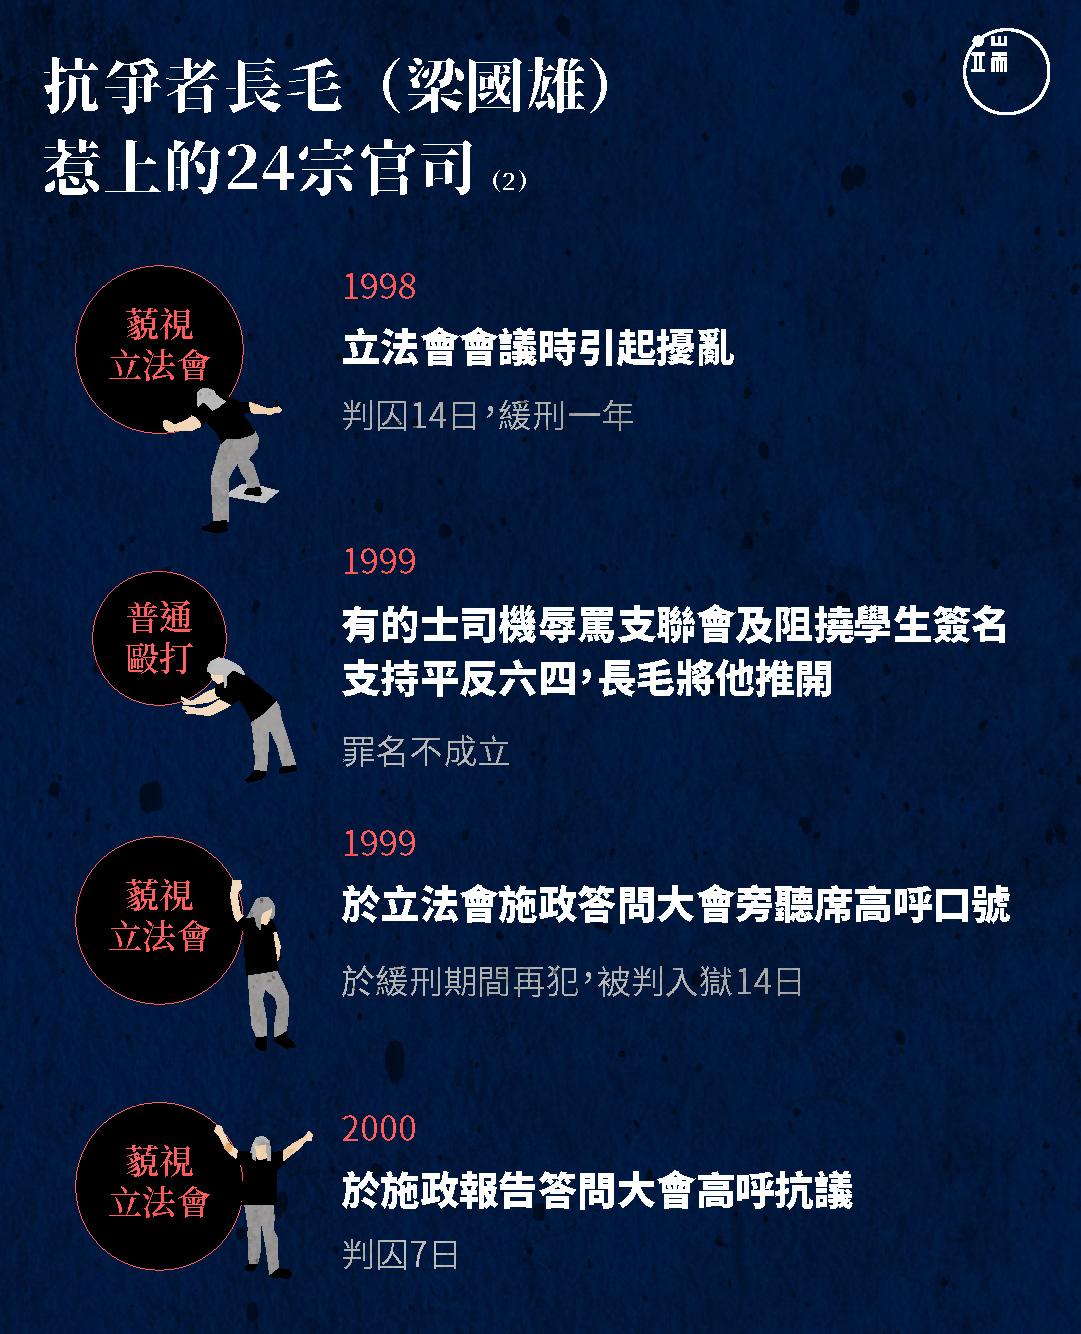 抗爭者長毛(梁國雄)惹上的24宗官司(2)